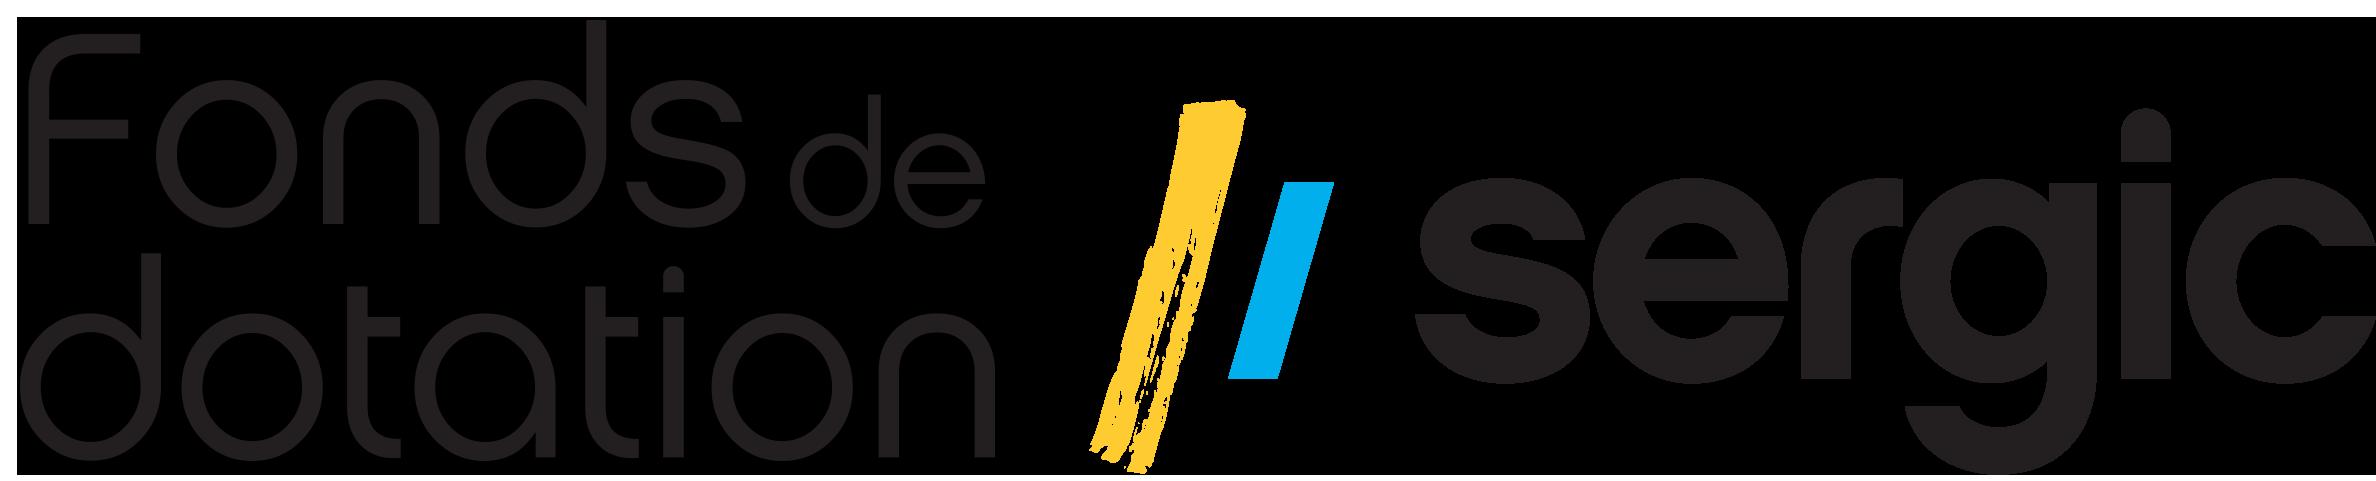 fond de dotation sergic logo